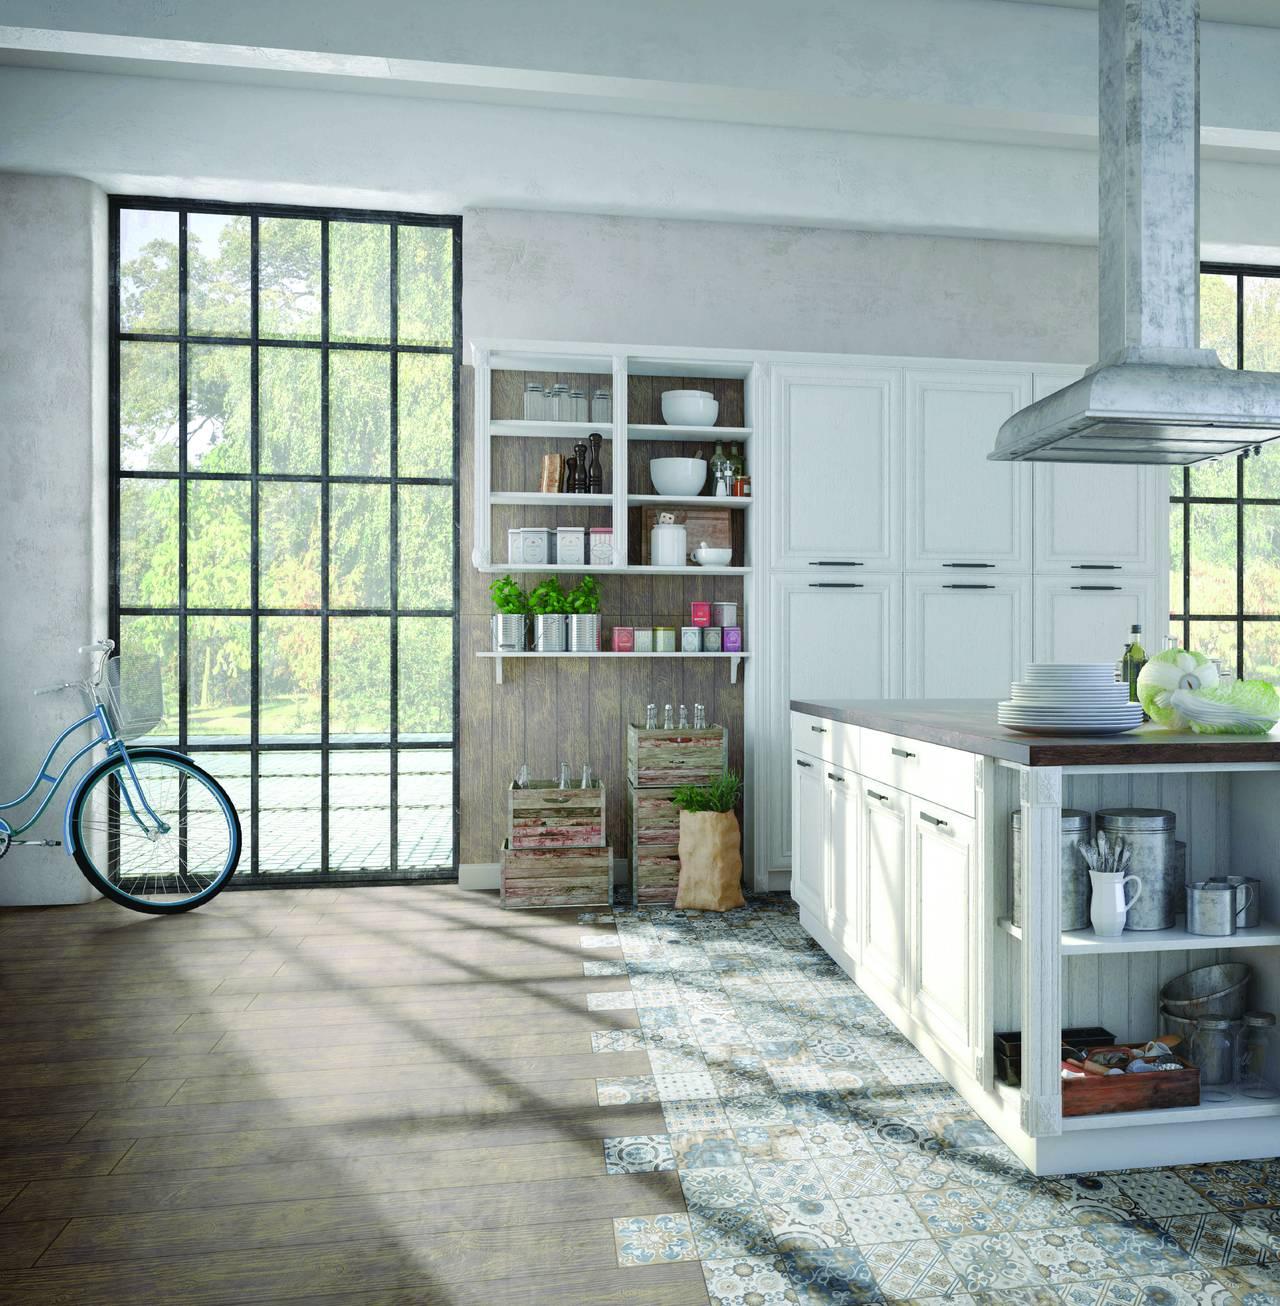 Ortigia 15x15 by target studio come ristrutturare la casa for Ristrutturare la casa